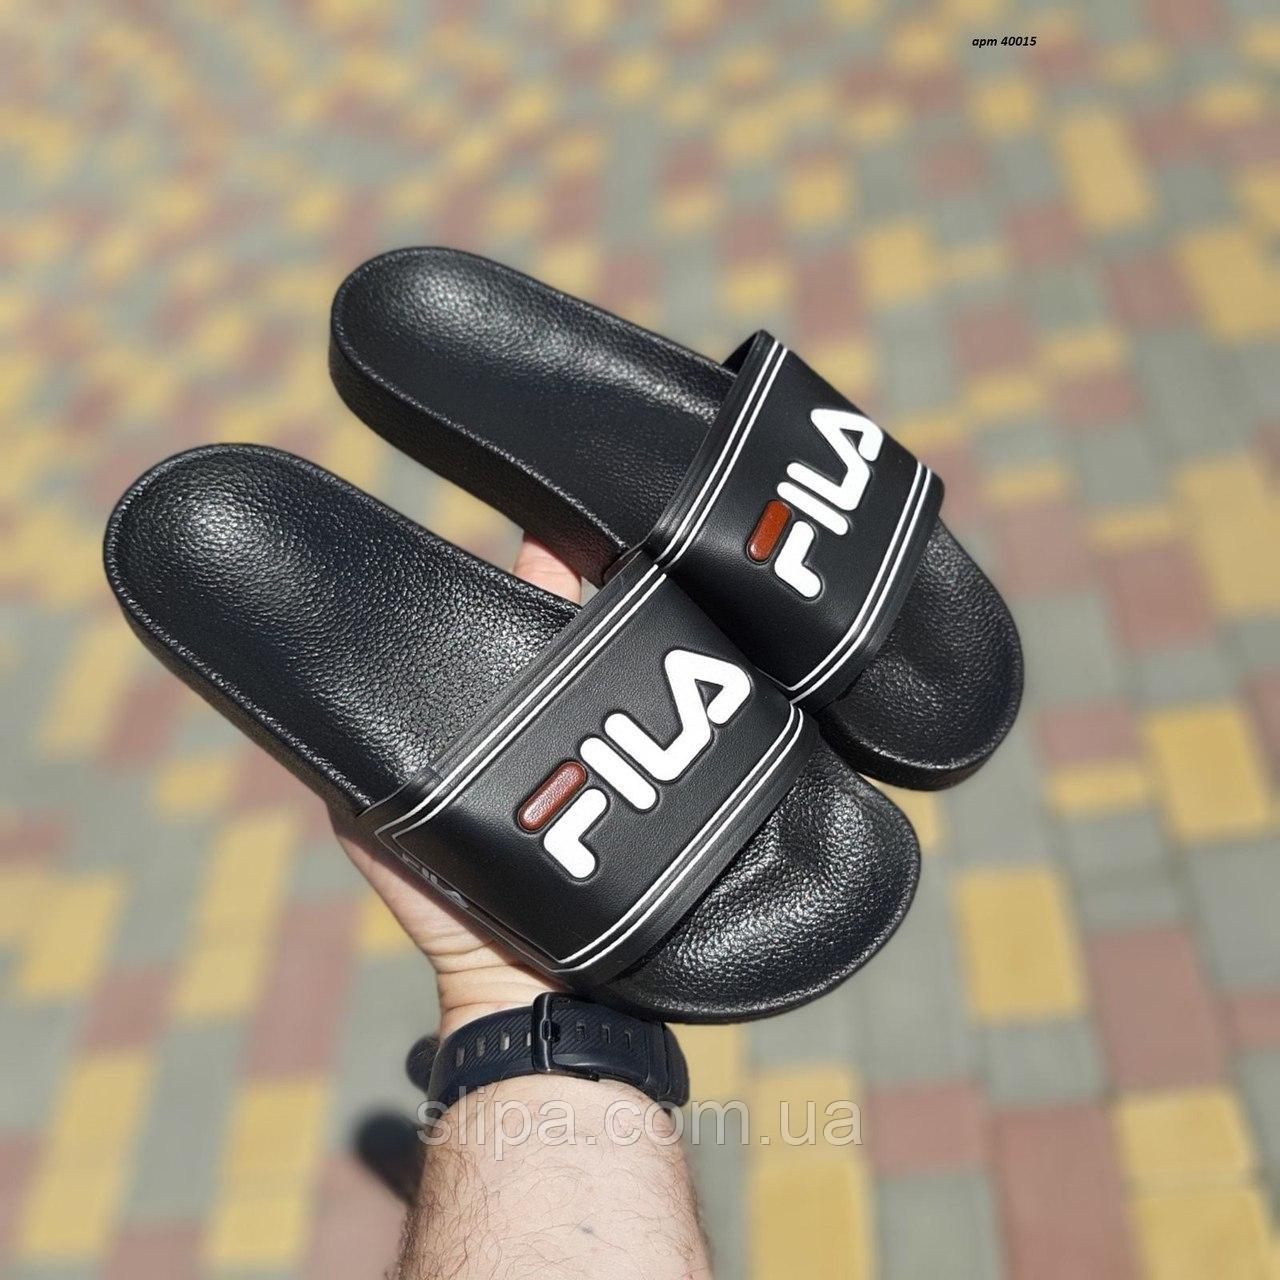 Чёрные мужские шлёпанцы Fila на чёрной подошве | искусственная кожа + пеноматериал